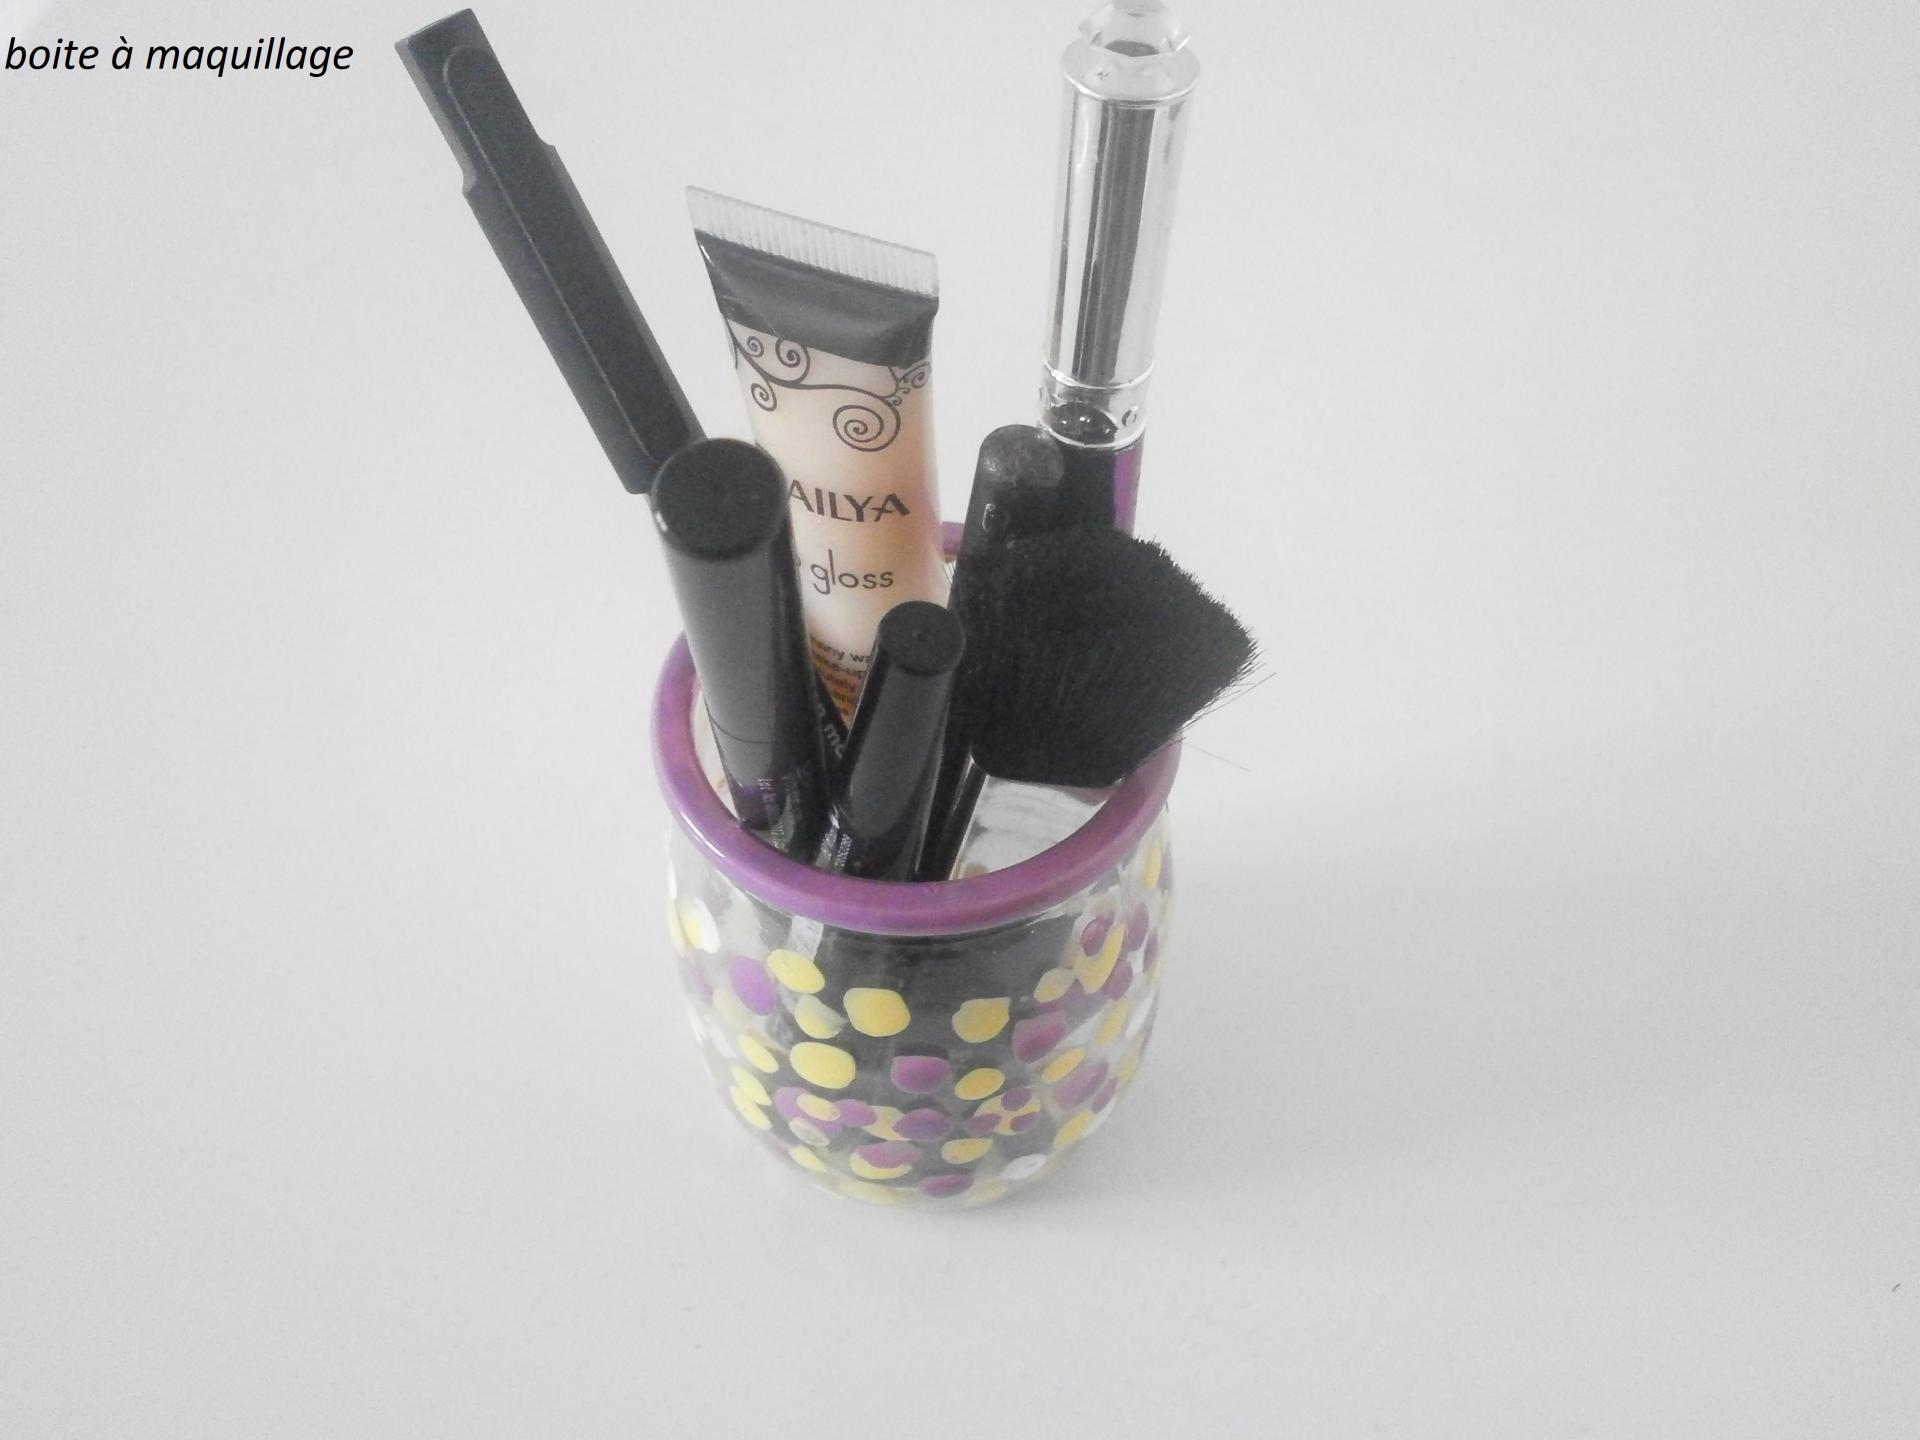 Boite a maquillage